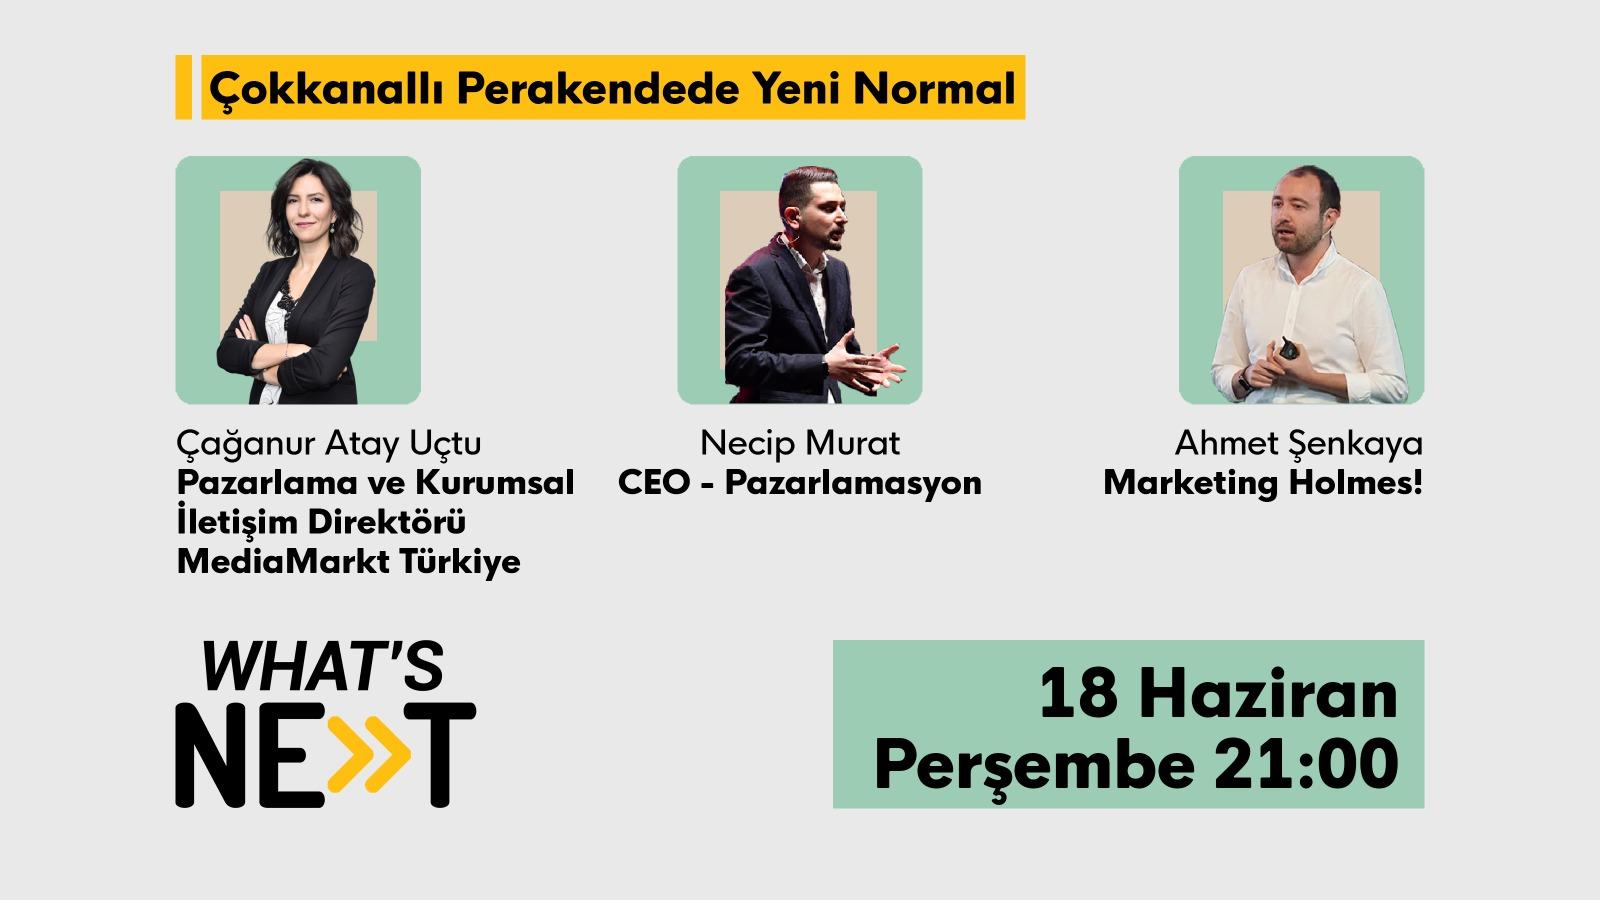 What's Next #13 Çokkanallı Perakendede Yeni Normal